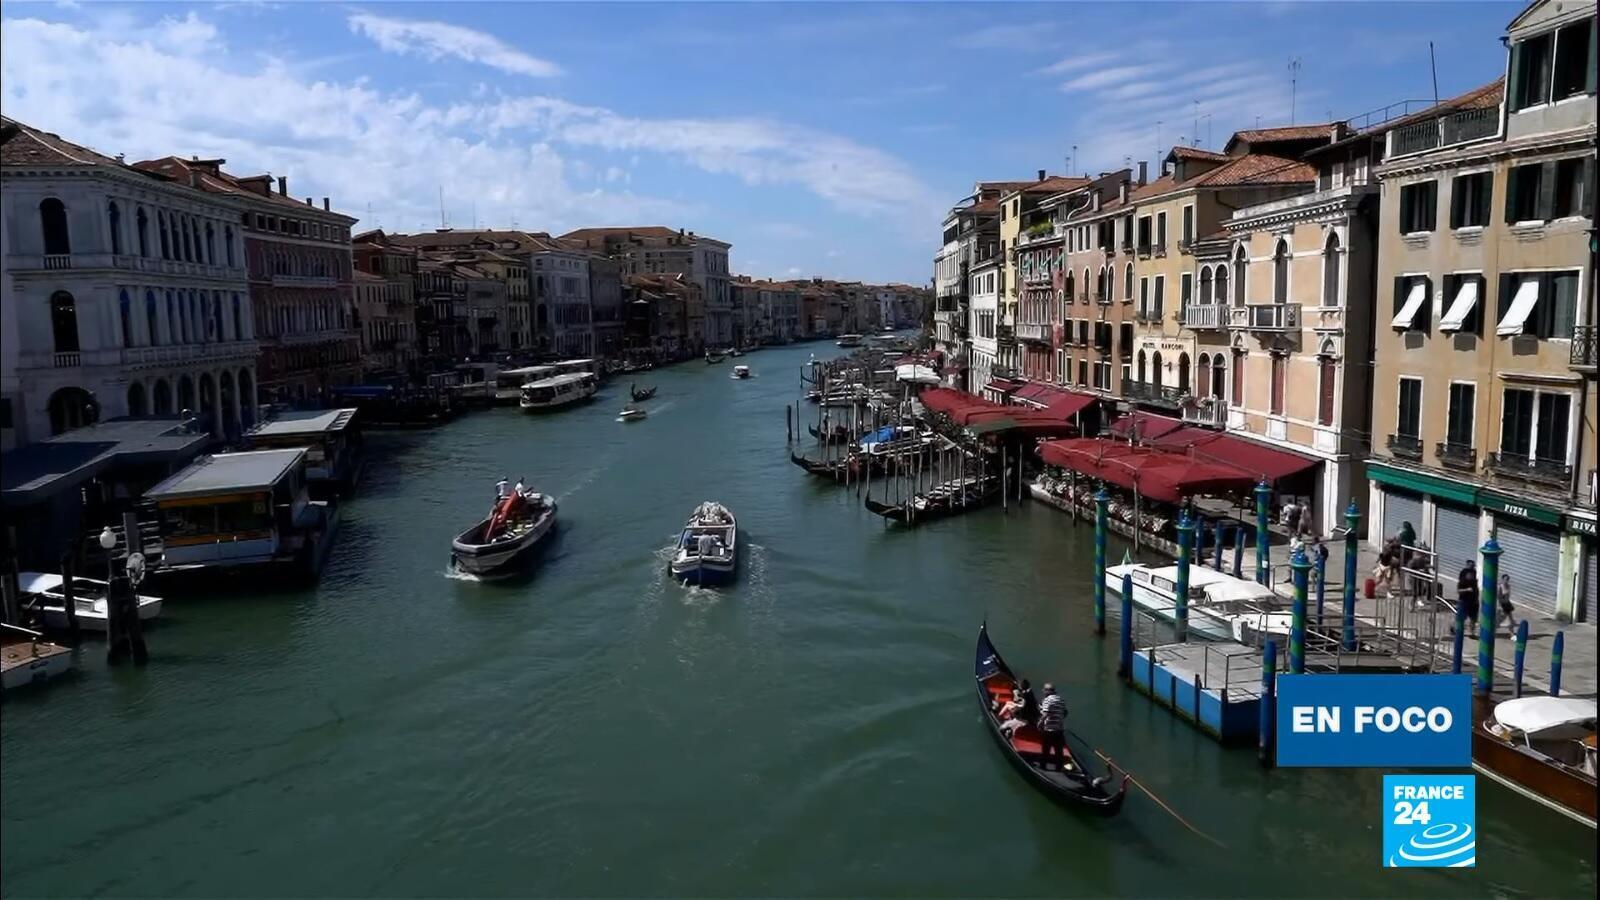 En foco - Venecia turismo